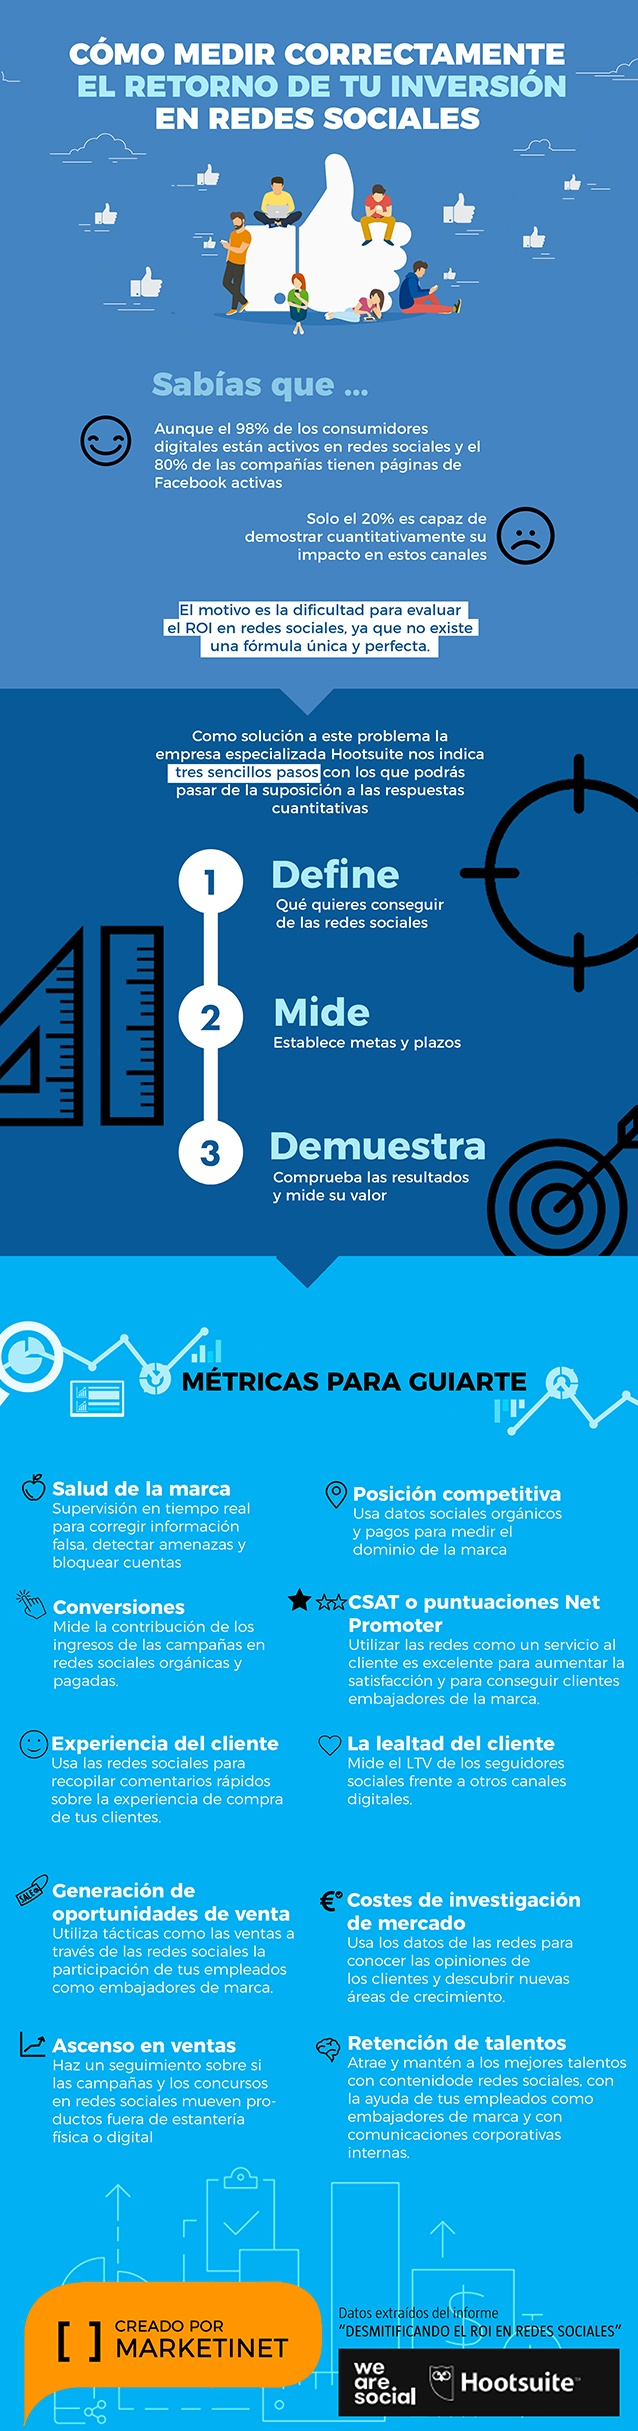 Infografia cómo medir correctamente el ROI en rrss